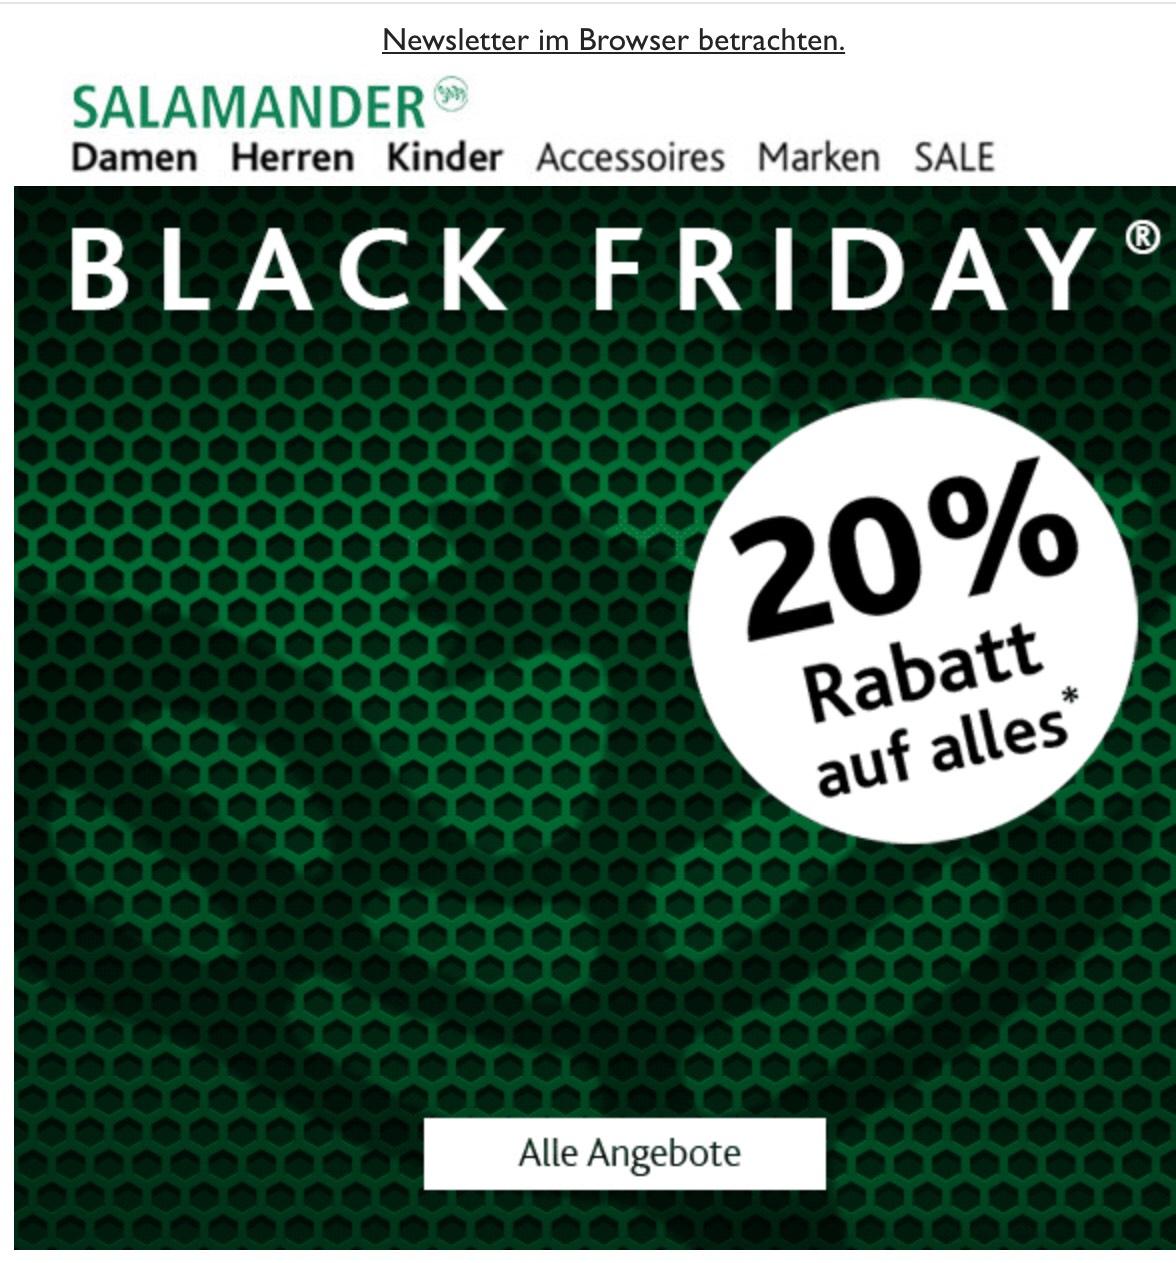 Salamander Shop - 20% auf alles - Black Friday Sale und kostenloser Versand für alle